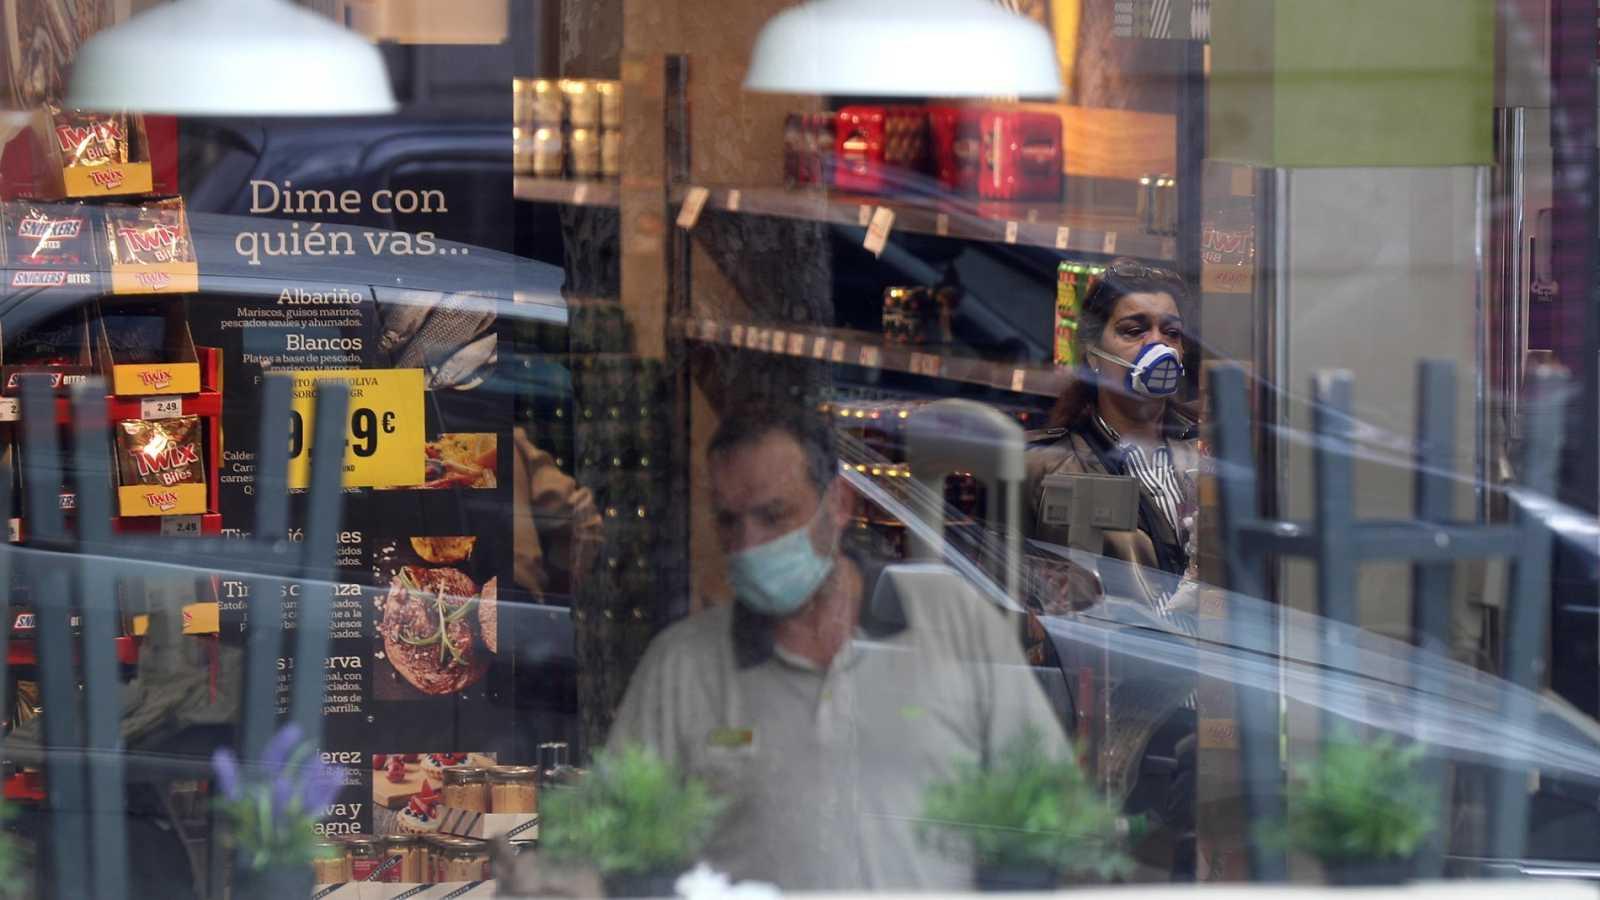 Establecimiento de alimentación abierto en la madrileña calle Ribera de Curtidores